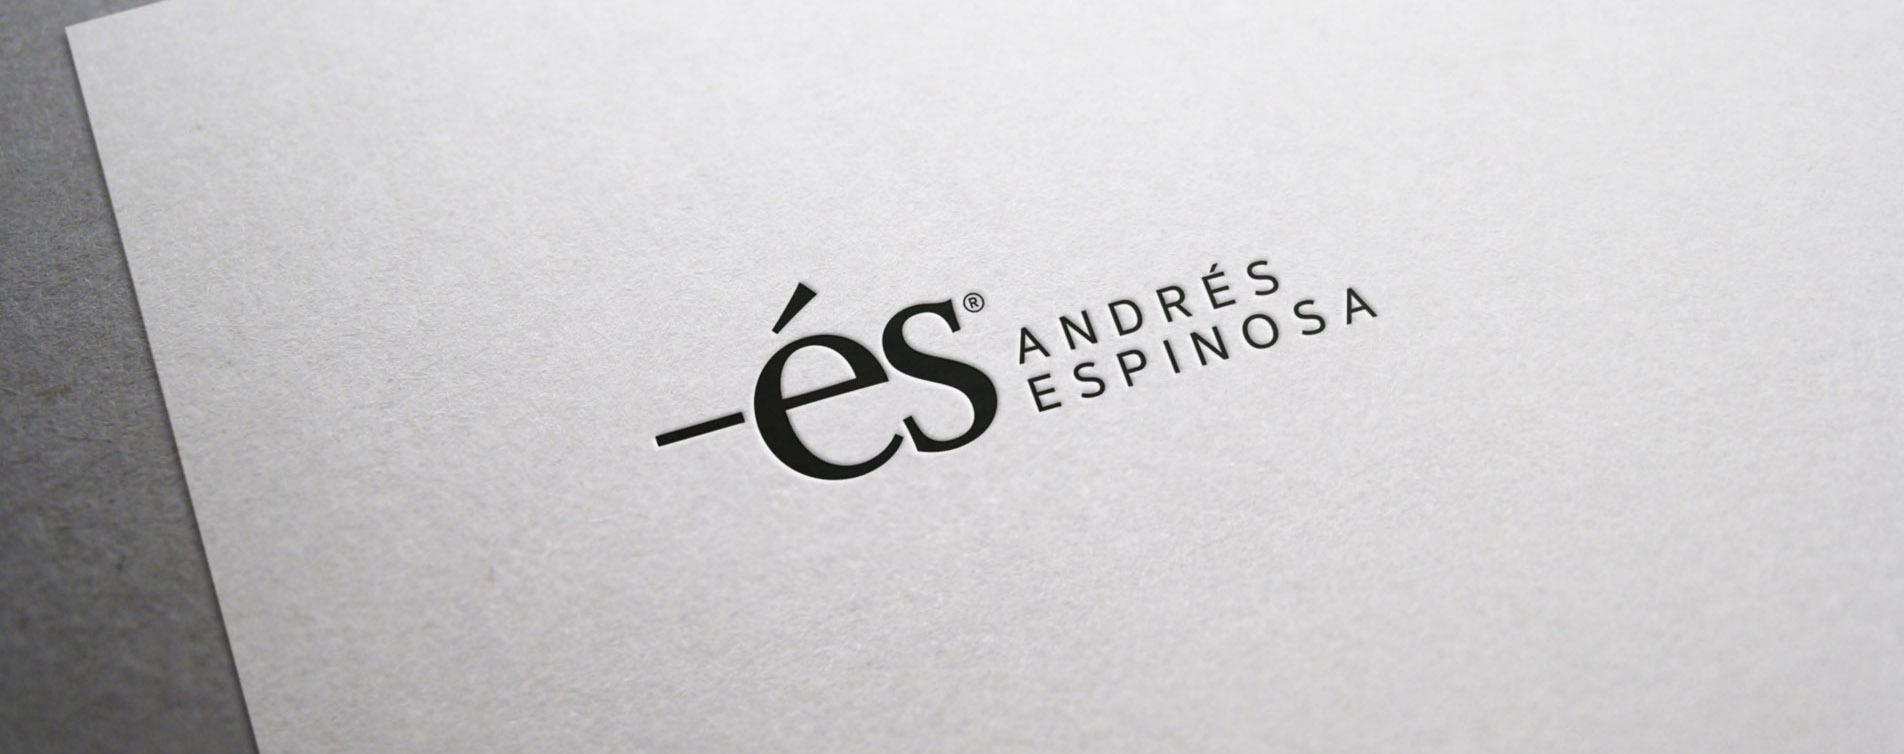 Andrés Espinosa, consultas (online y presencial), meditaciones, retiros, encuentros, viajes, artículos, libros, entrevistas,